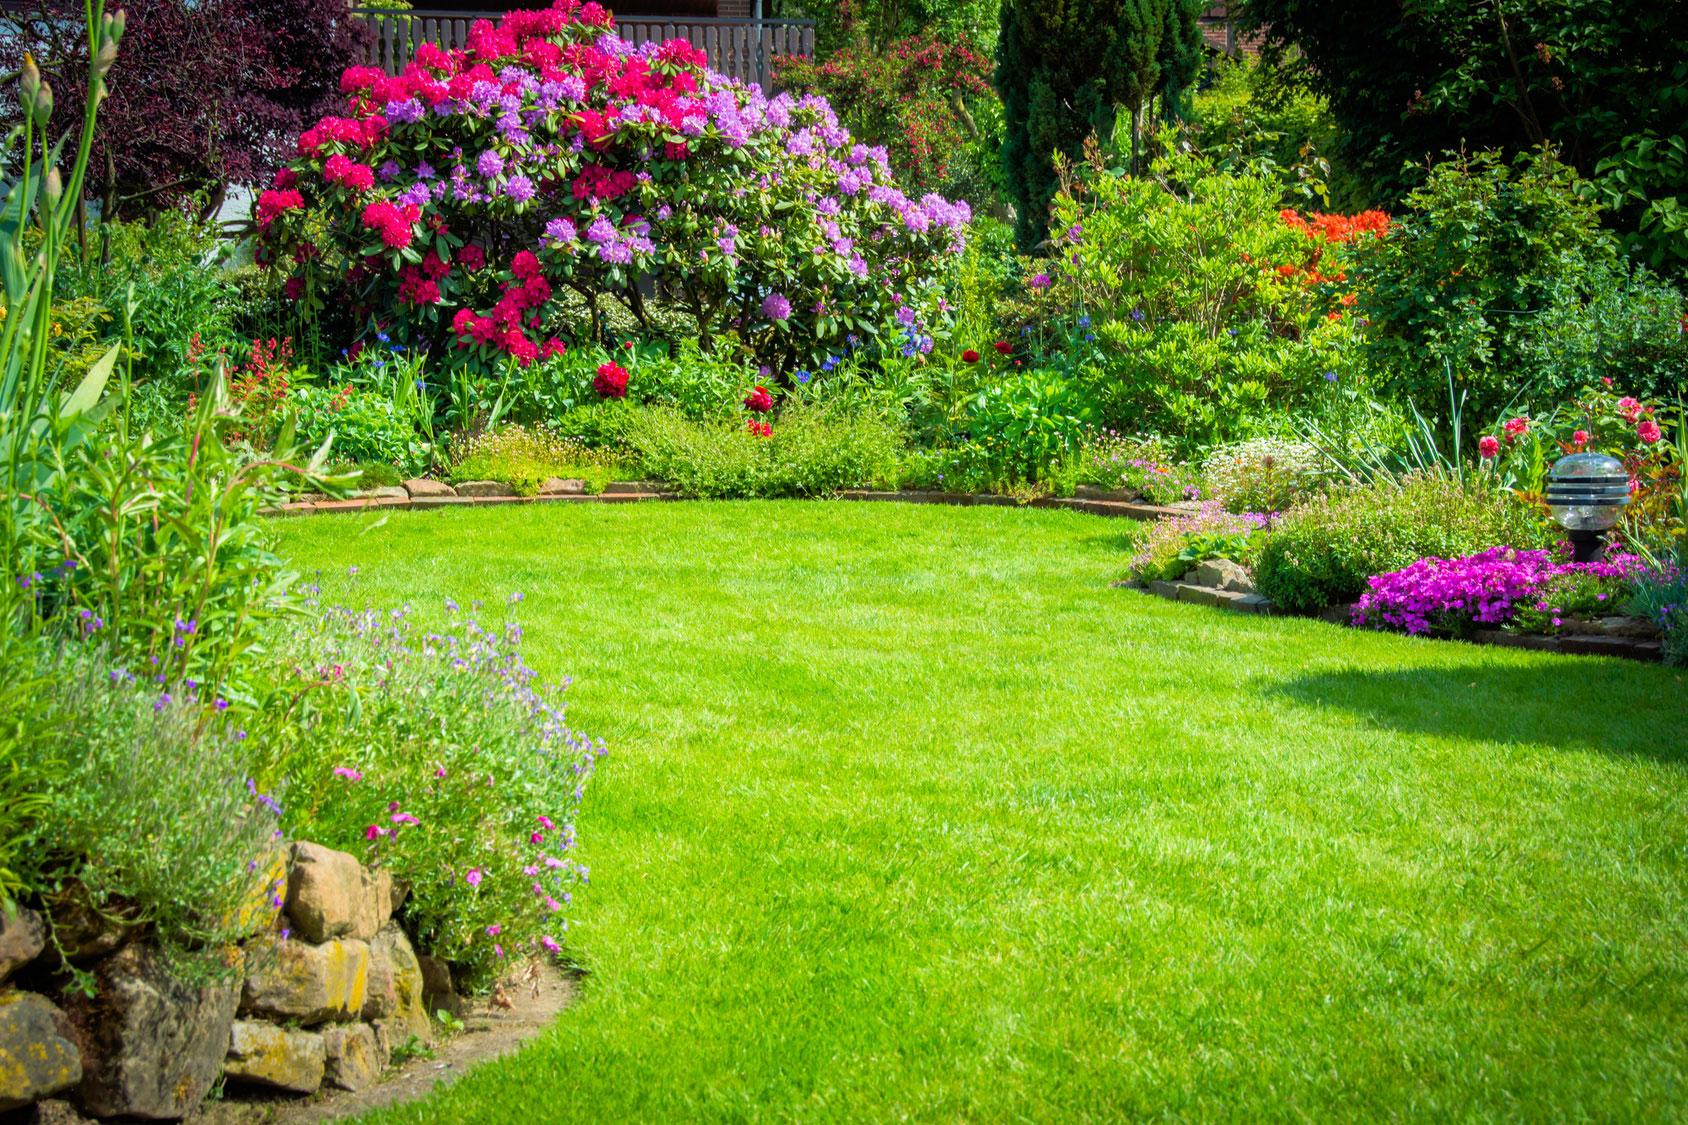 plantation gazon pelouse fleurs création jardins espaces verts aidlib multiservices